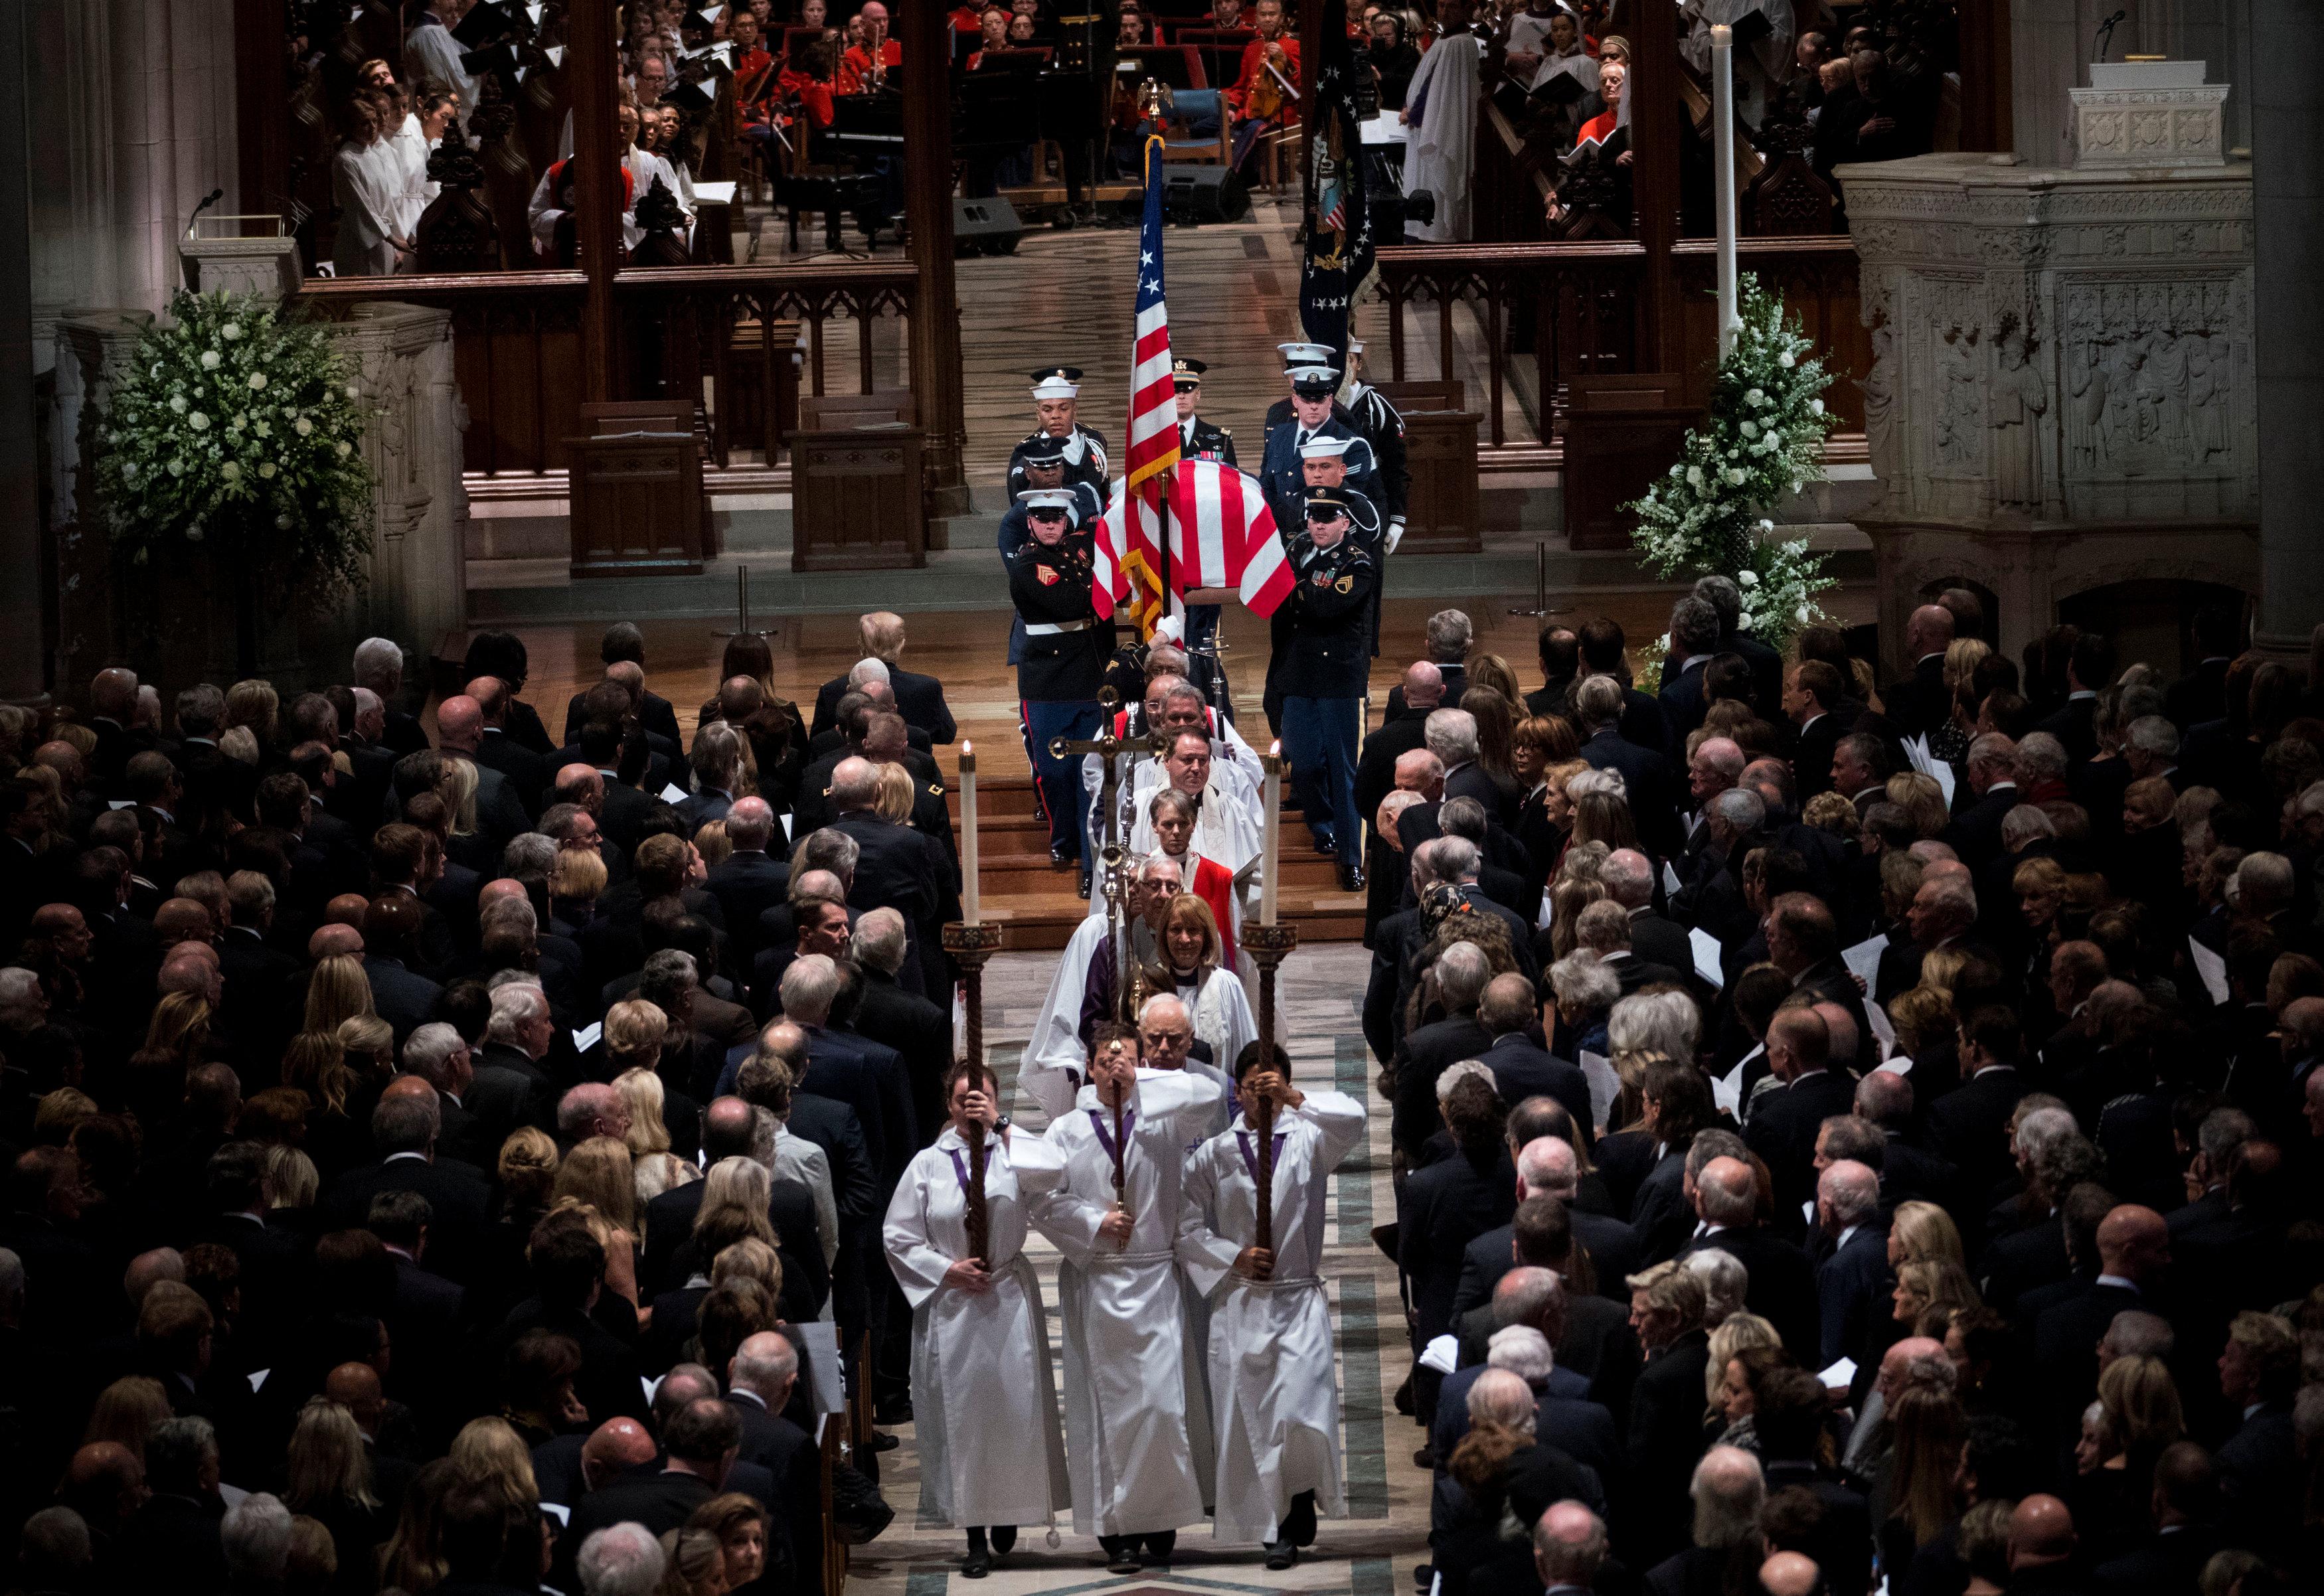 انطلاق مراسم جنازة الرئيس الأمريكى جورج بوش الأب (3)